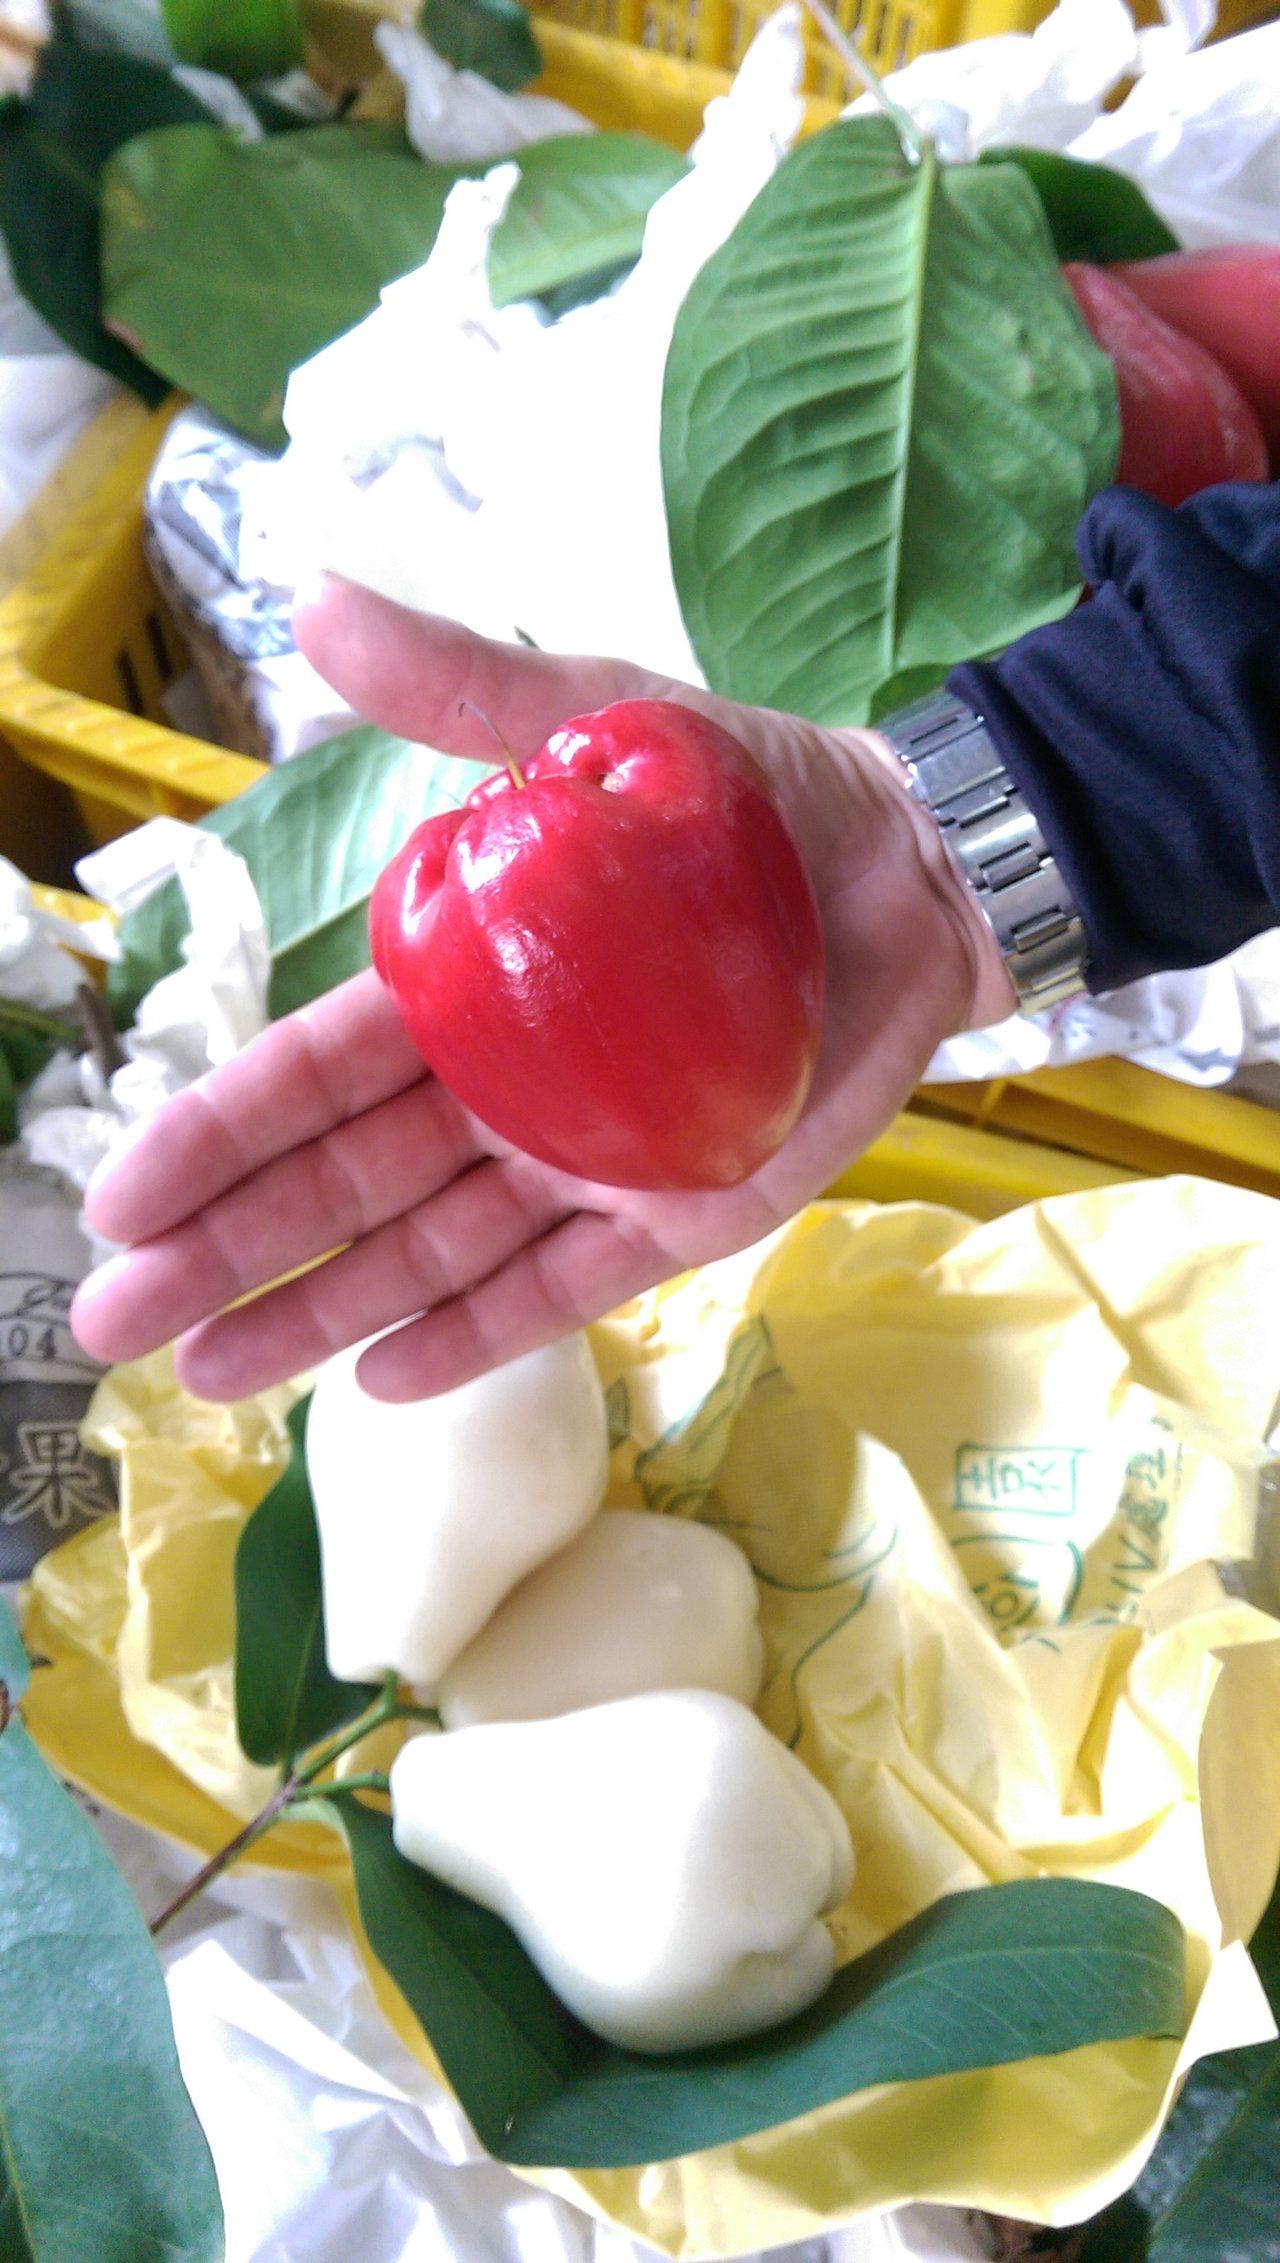 宜蘭代理縣長陳金德說,宜蘭蓮霧比屏東的黑金剛好吃多了,農民還努力研發不同新品種。...